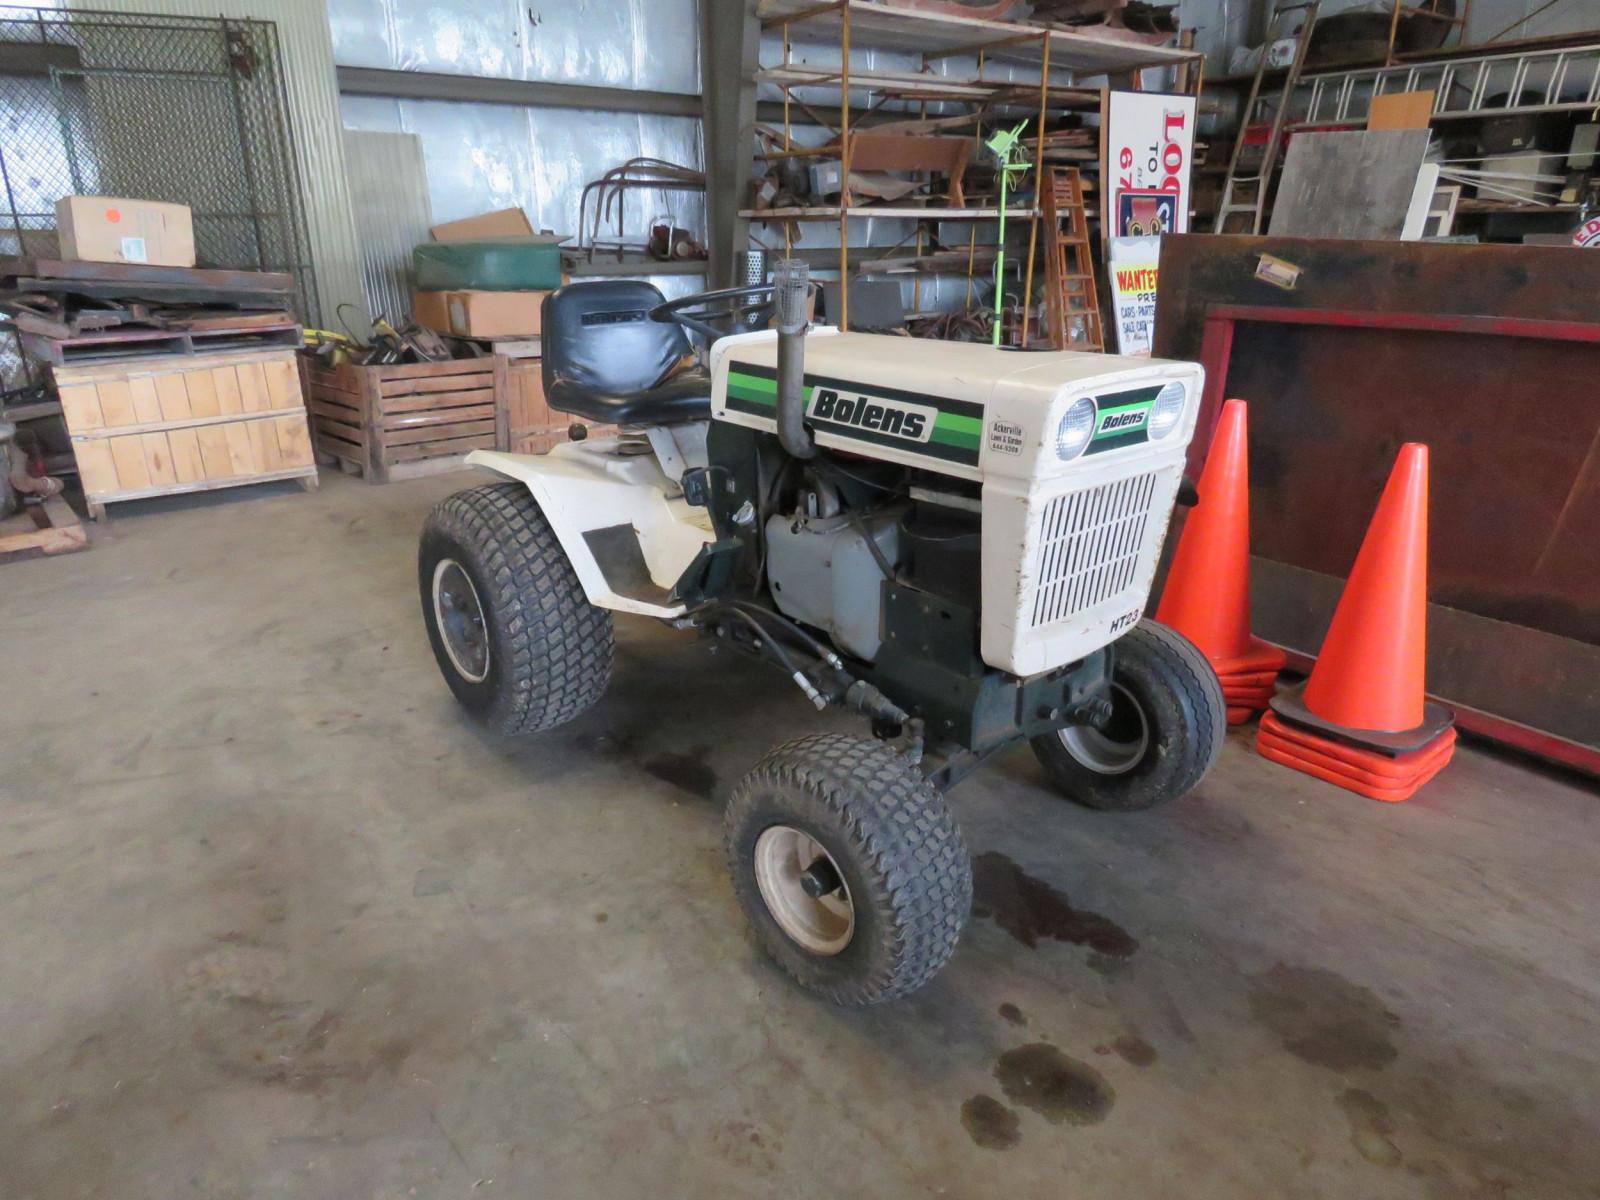 Lot 125Y – 1986 Bolens Lawn Tractor | VanderBrink Auctions